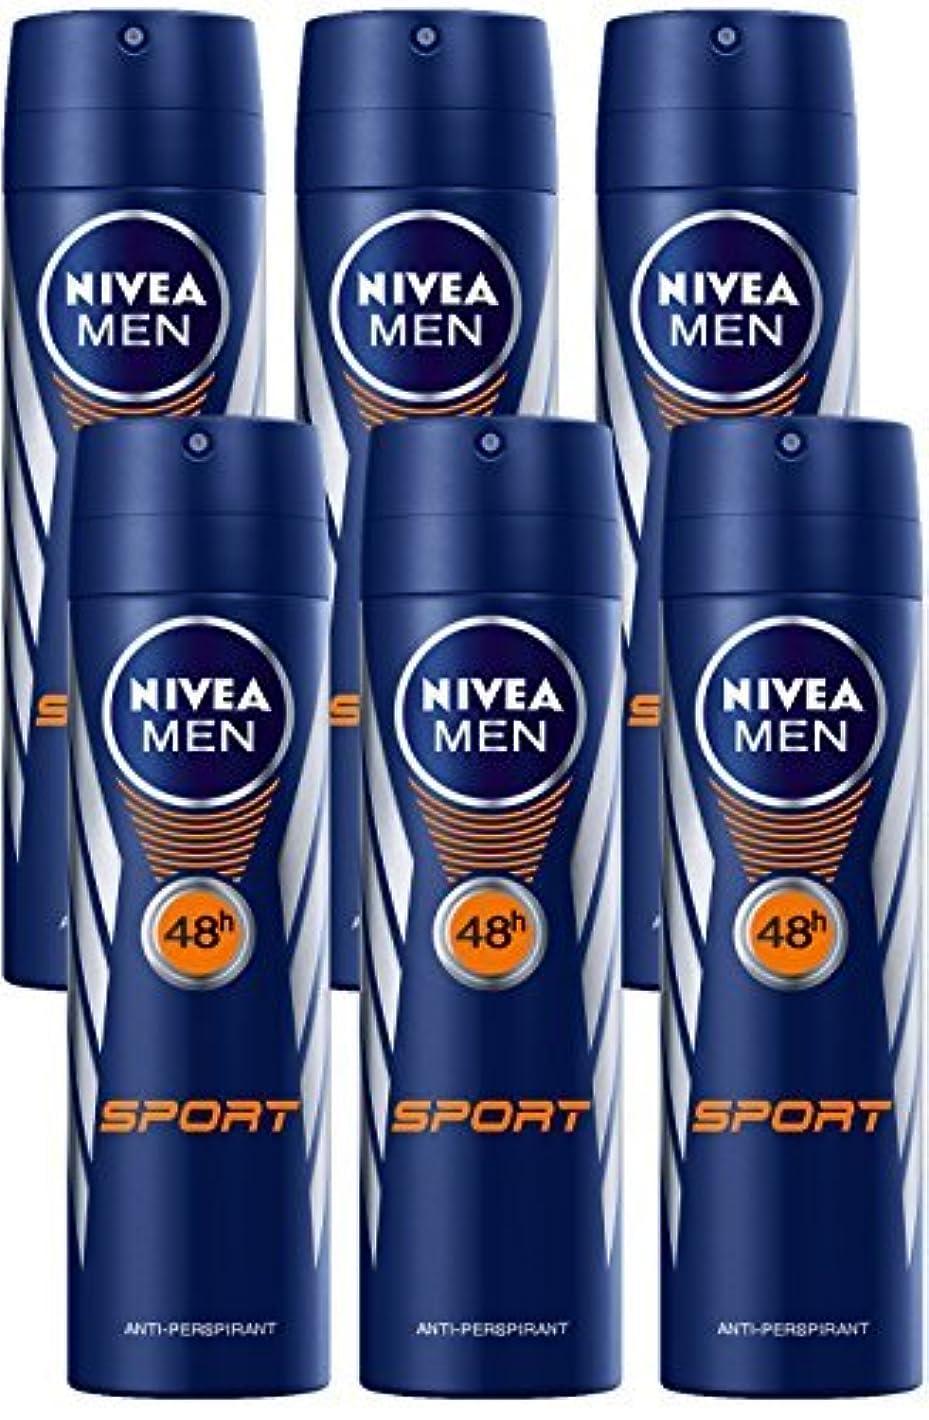 昆虫遠え反発Nivea for Men Sport Deodorant/Antiperspirant Spray 150ML (6 Pack) - 並行輸入品 - Nivea for Menスポーツデオドラント/制汗剤スプレー150ML(6パック)